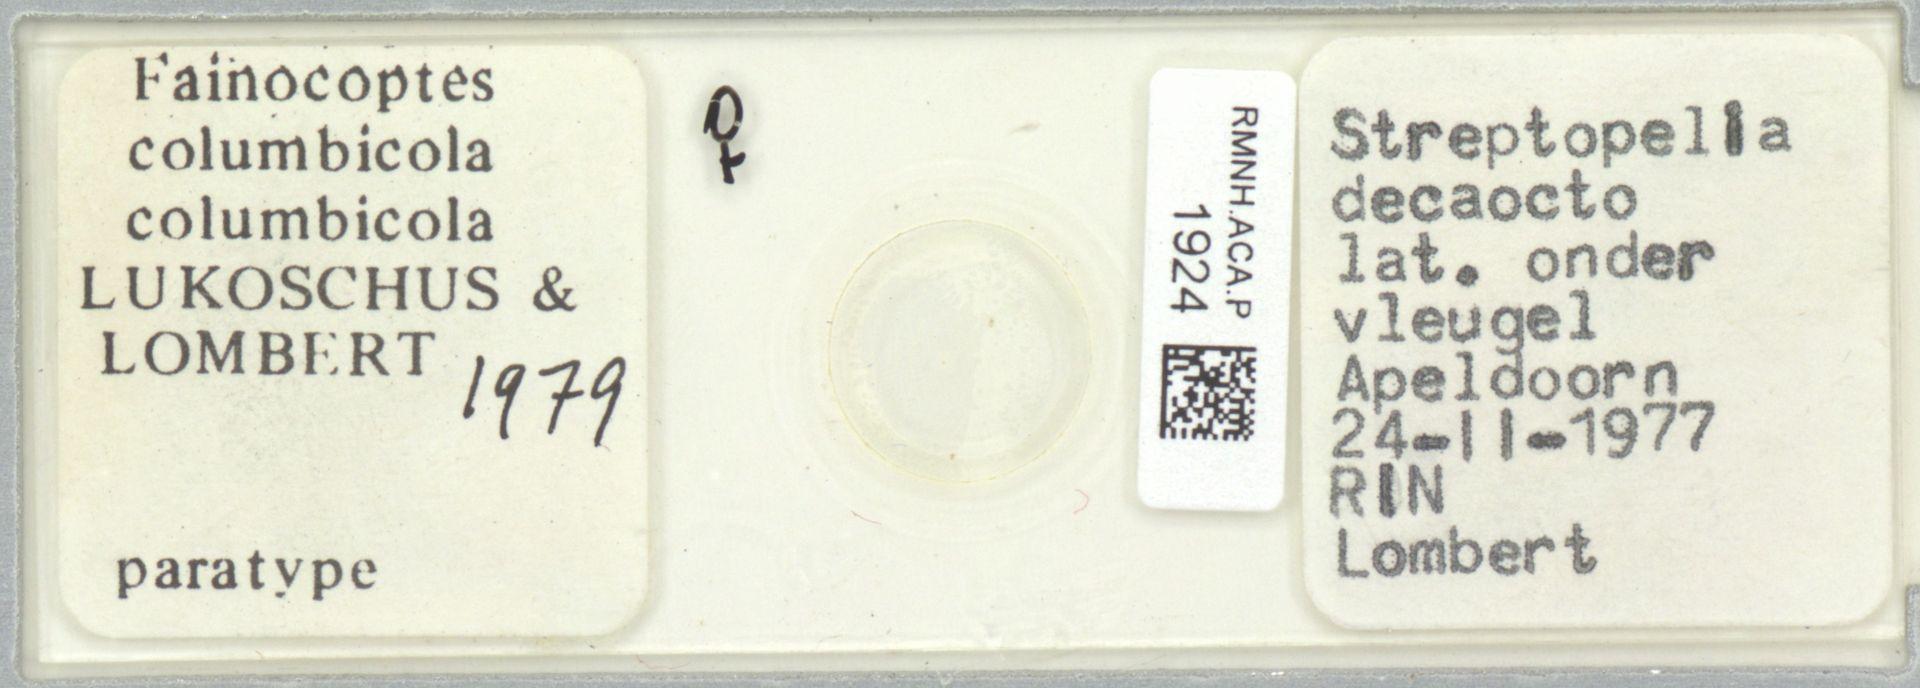 RMNH.ACA.P.1924 | Fainocoptes columbicula columbicula Lukoschus & Lombert, 1979